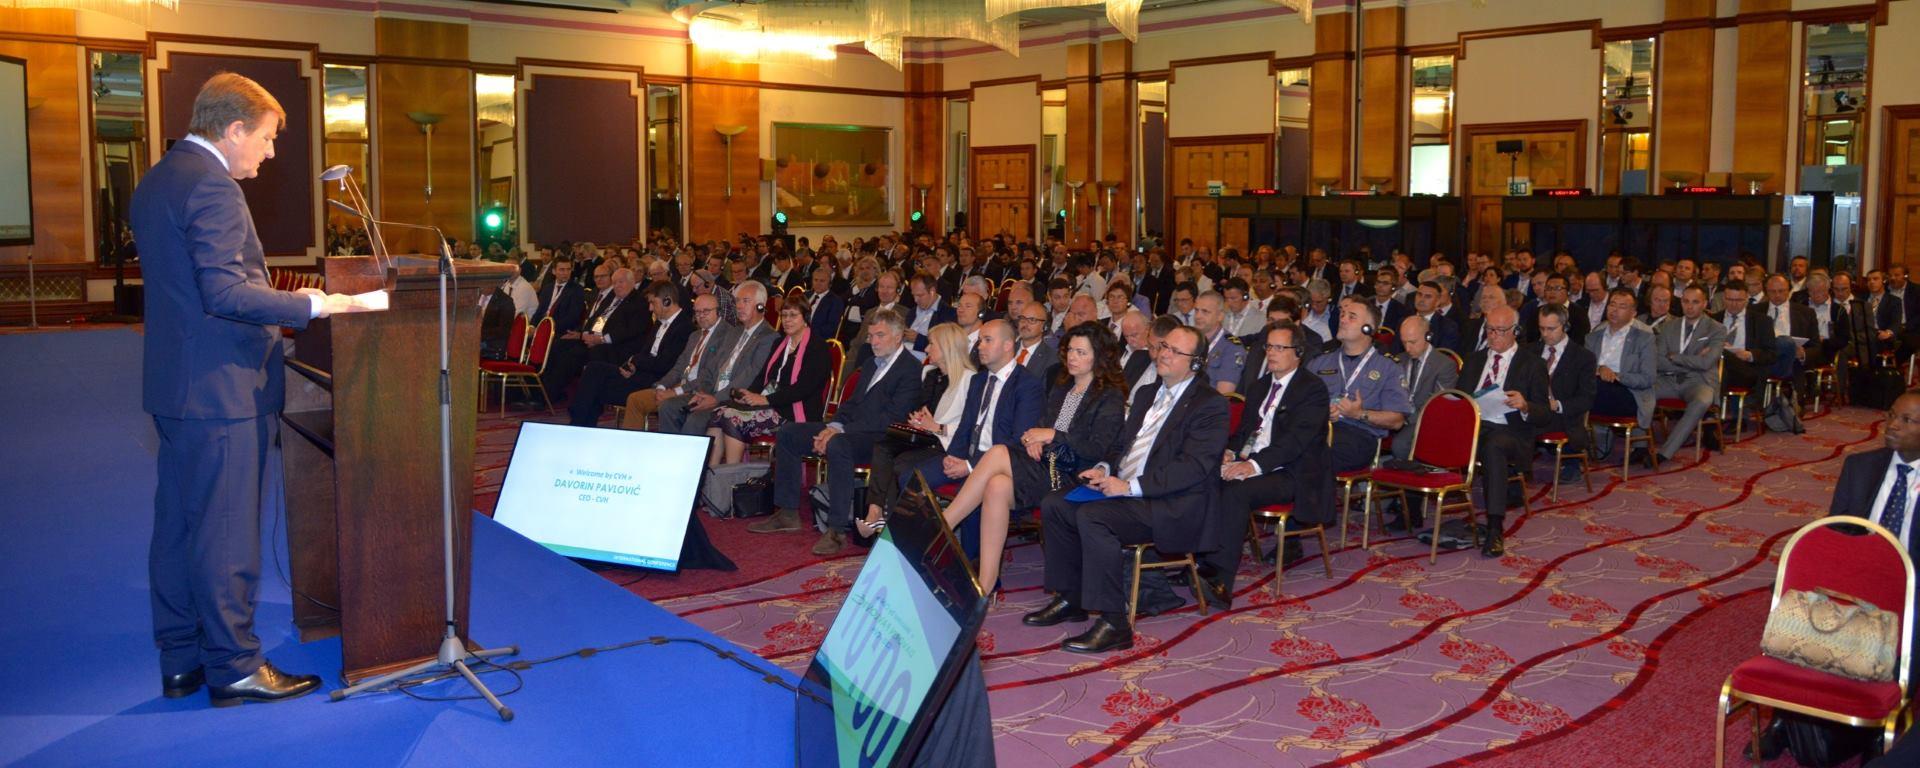 Međunarodna konferencija i skupština CITA-e pohvalila organizaciju, predavanja, Grad Zagreb i Hrvatsku